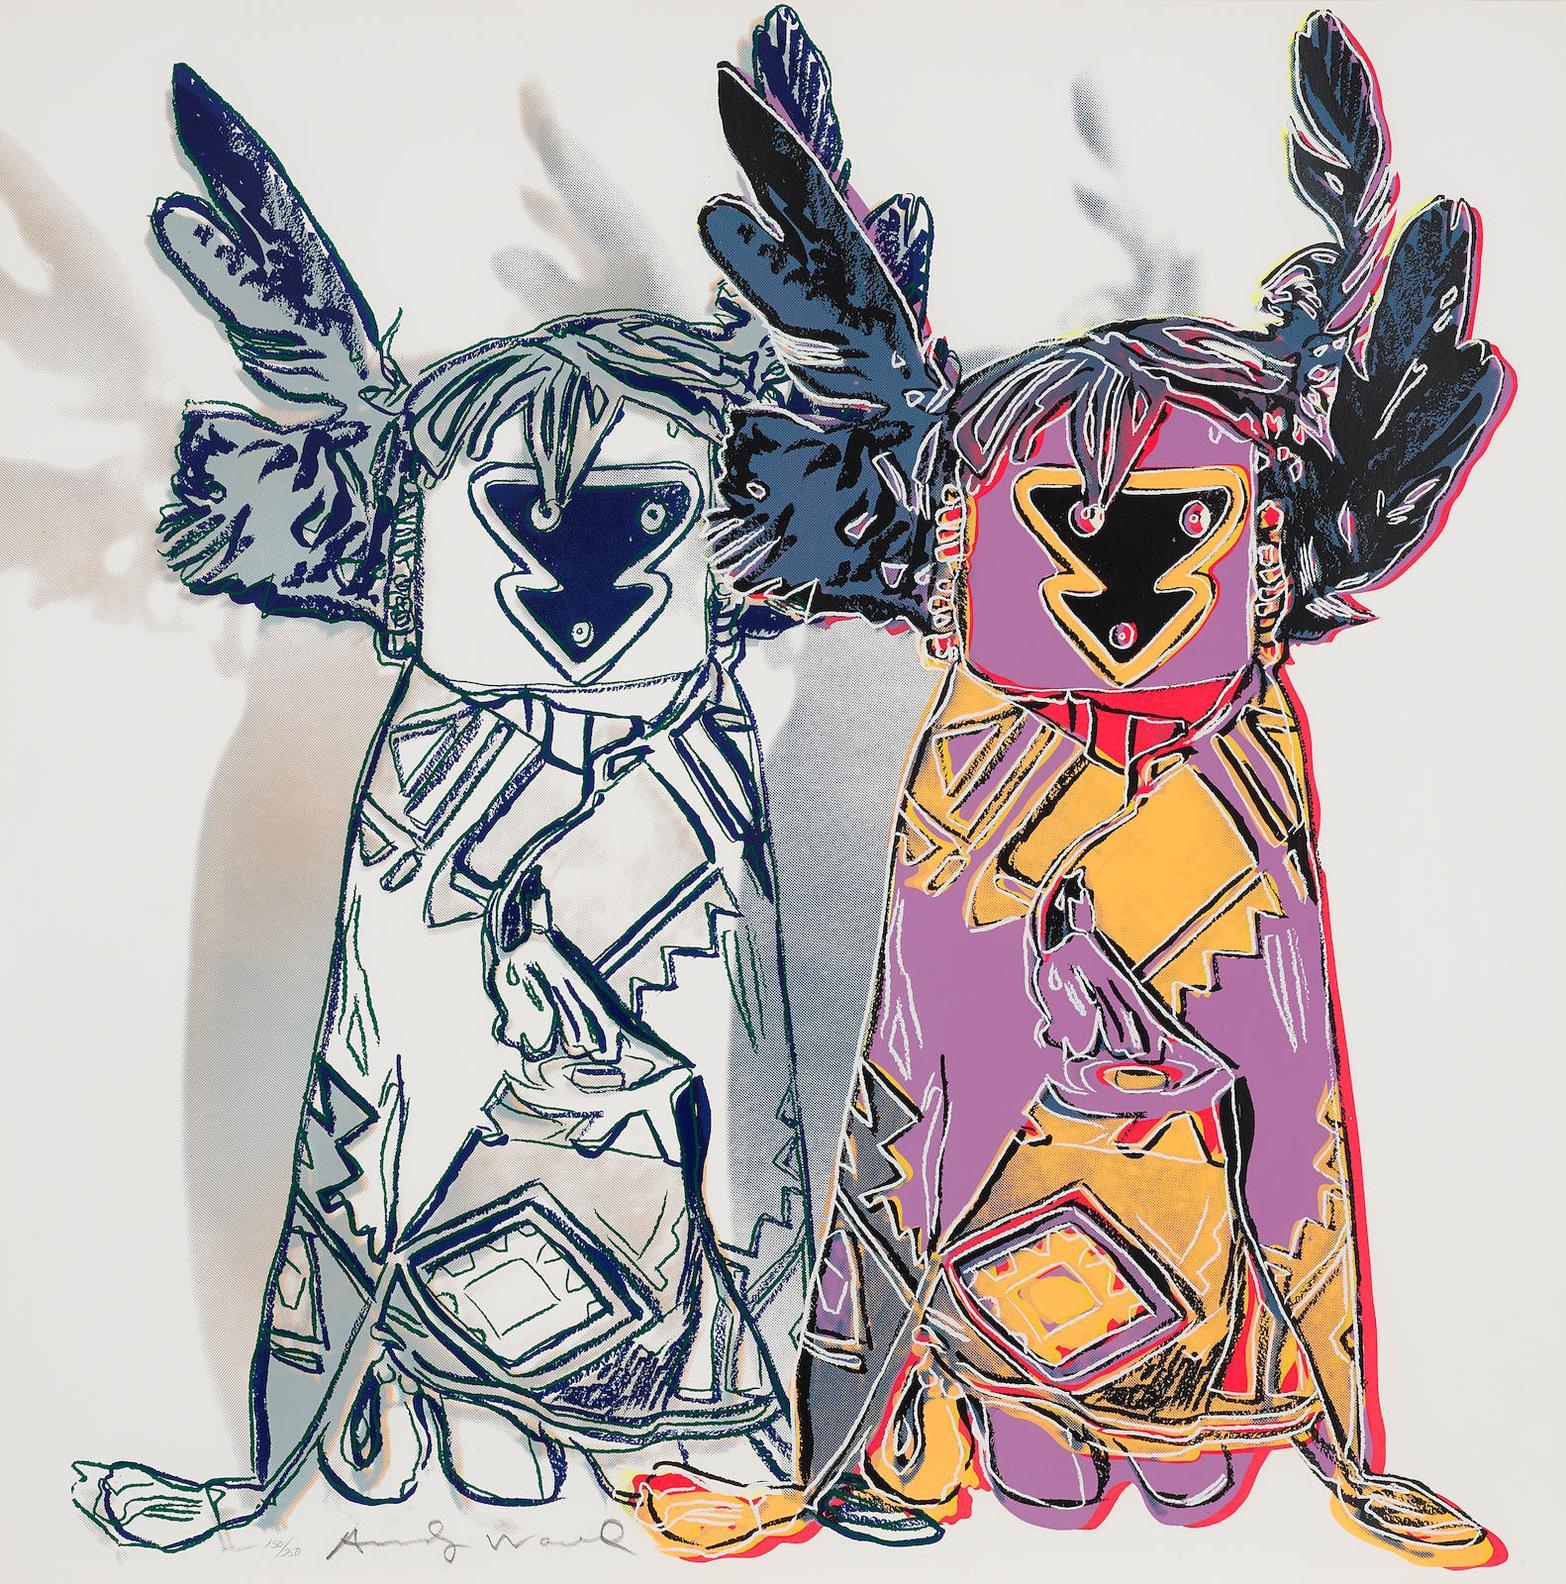 Andy Warhol-Kachina Doll-1986